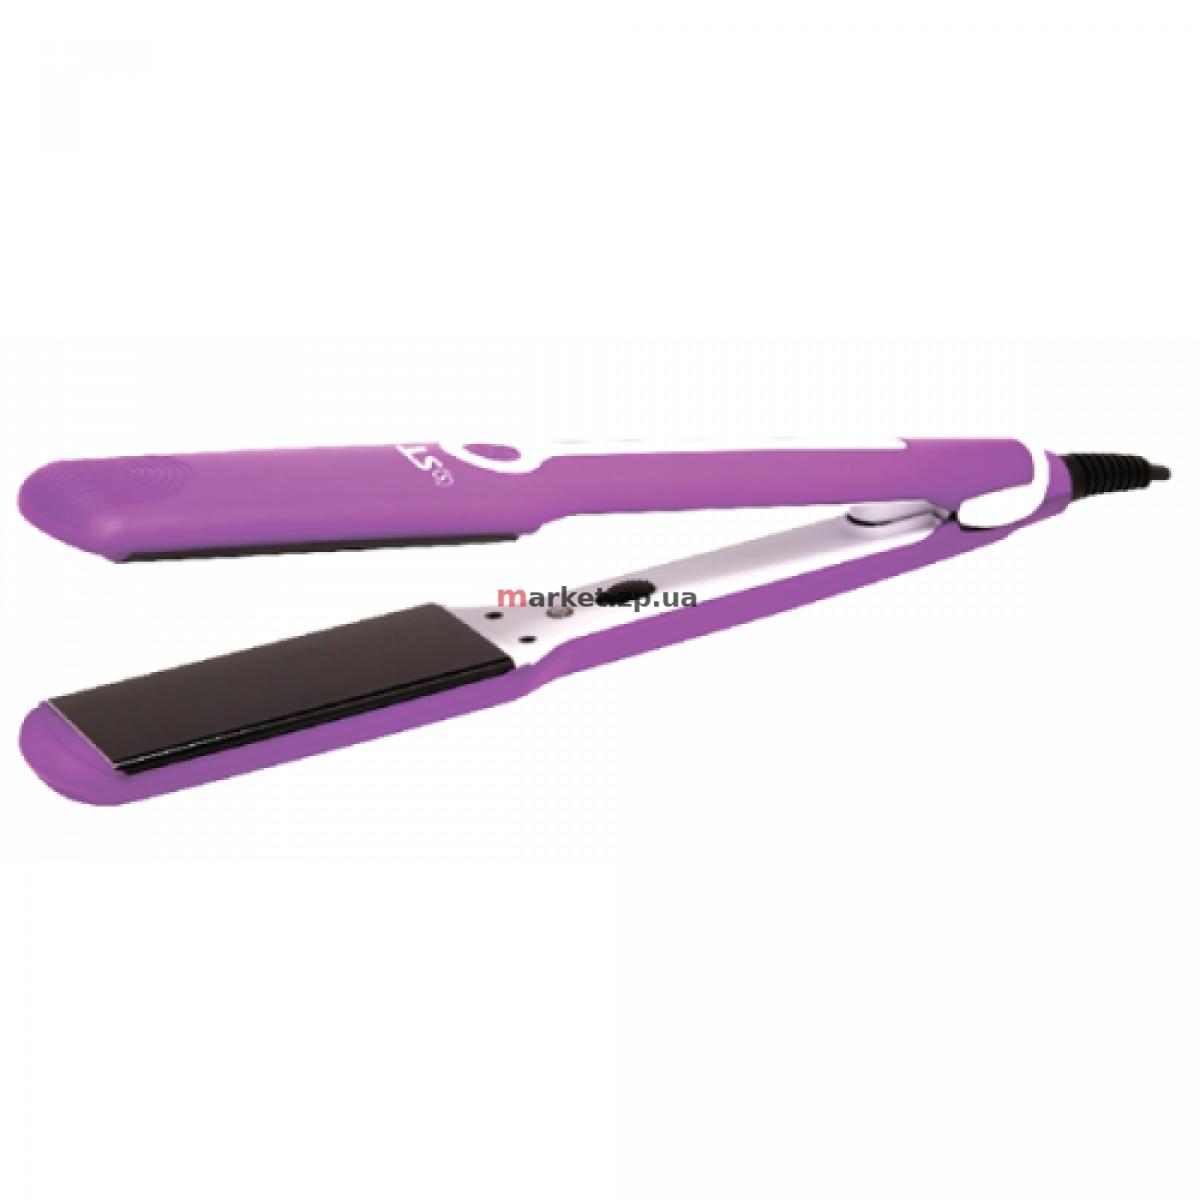 Выпрямитель ST 72-35-3890-violet